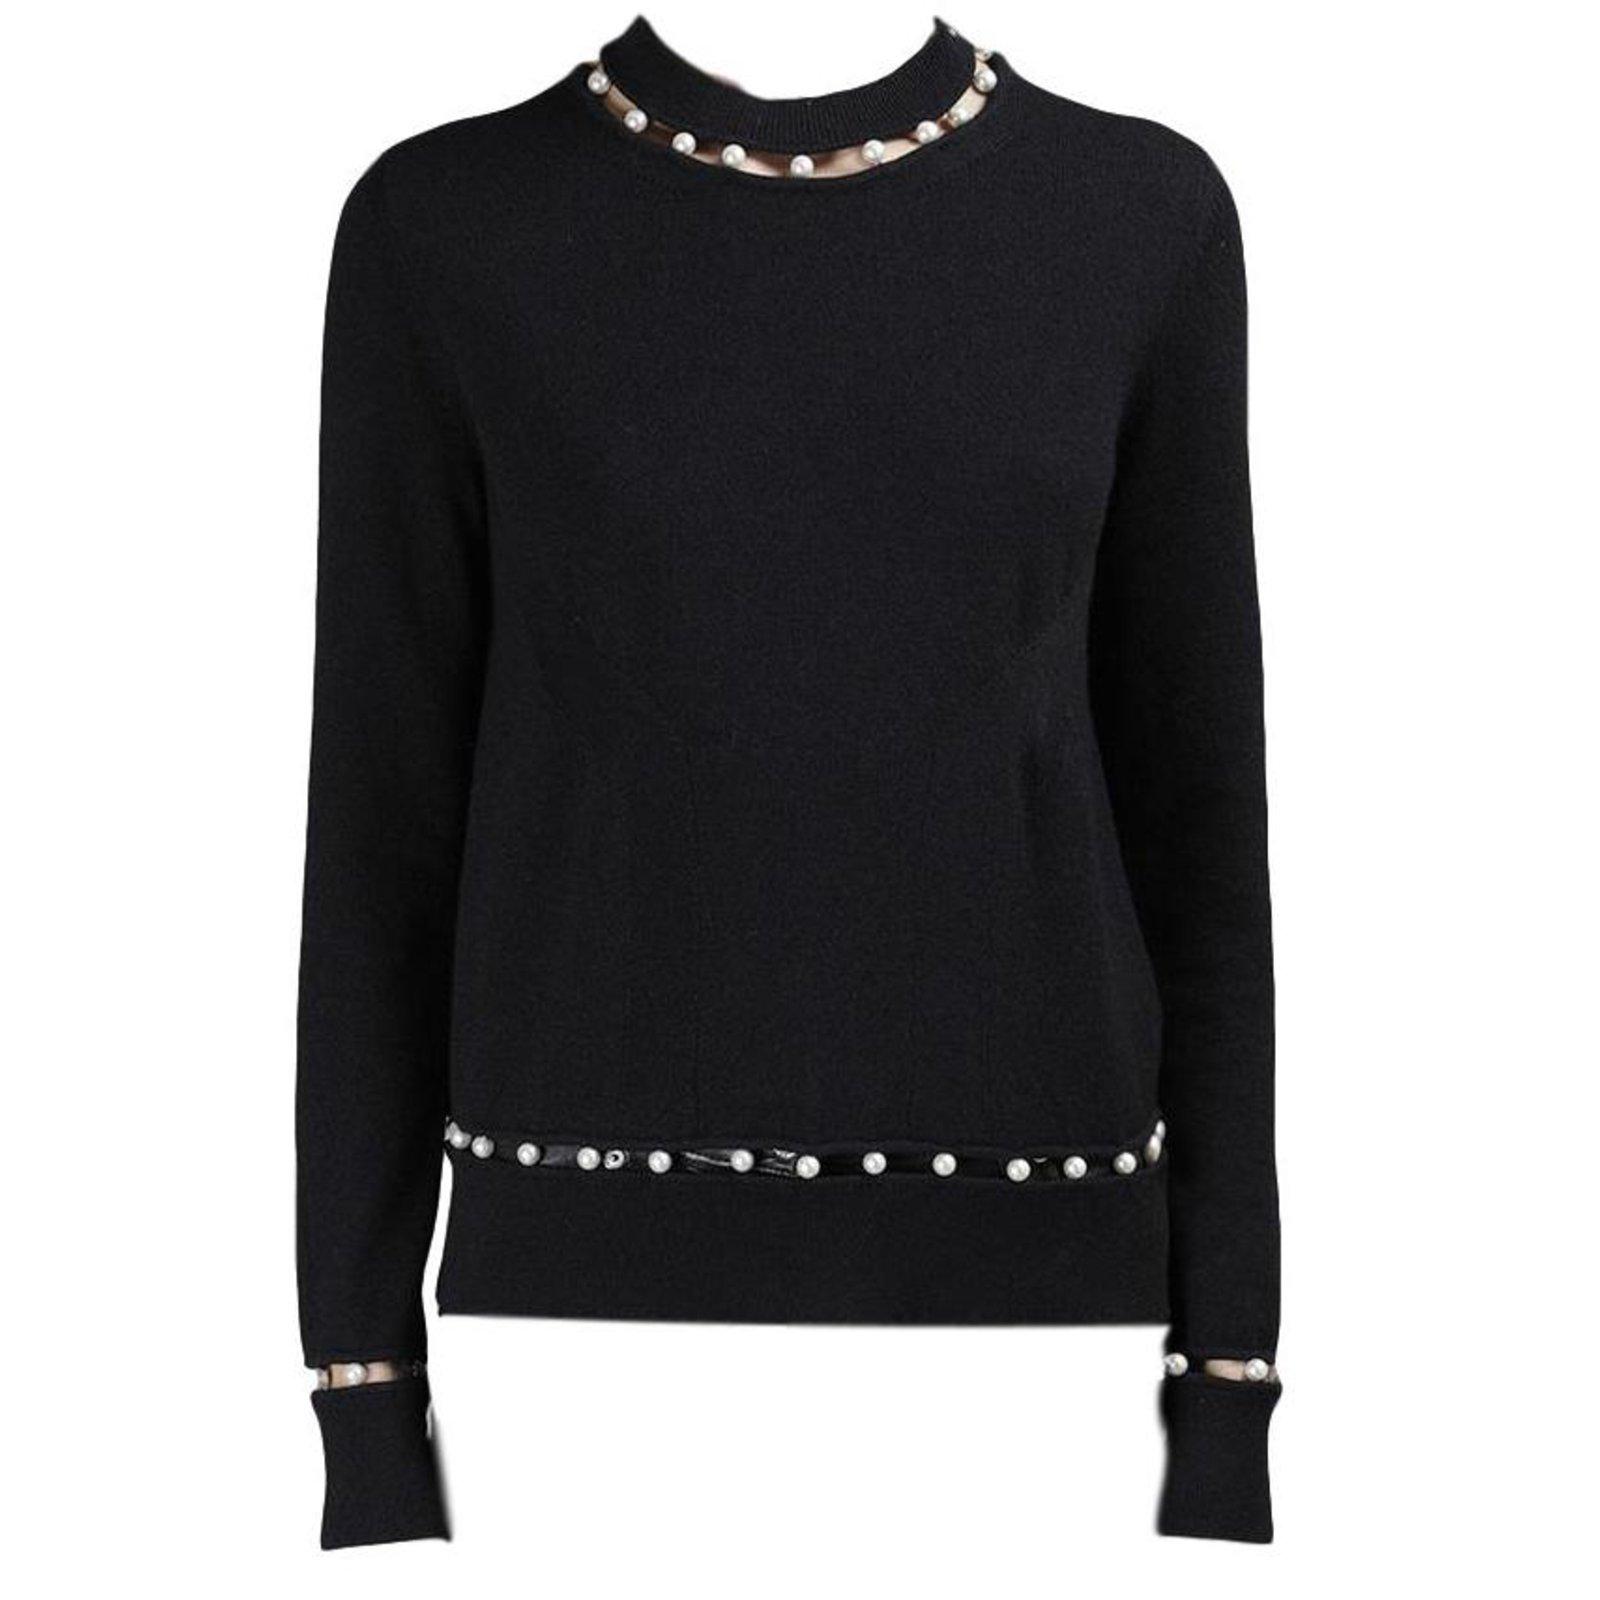 7af40afad84 Combinaisons Givenchy Pull Autre Noir ref.83496 - Joli Closet